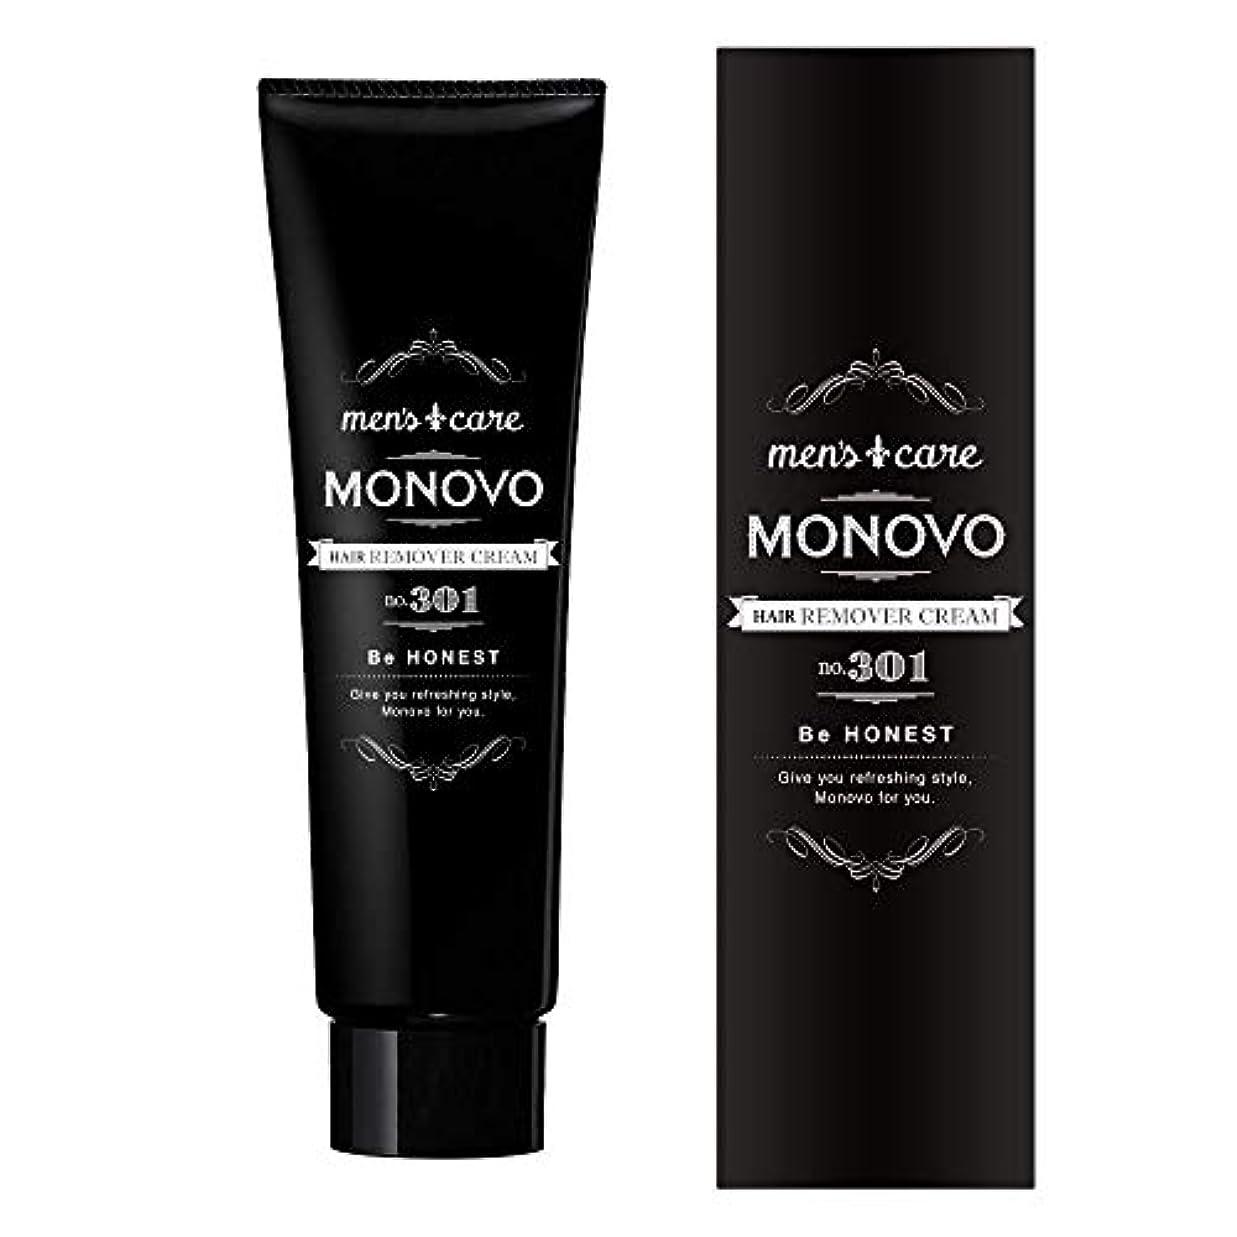 一般化する懸念接続された医薬部外品 メンズ 除毛クリーム MONOVO ヘアリムーバークリーム 1本 140g [男性用ムダ毛ケア]